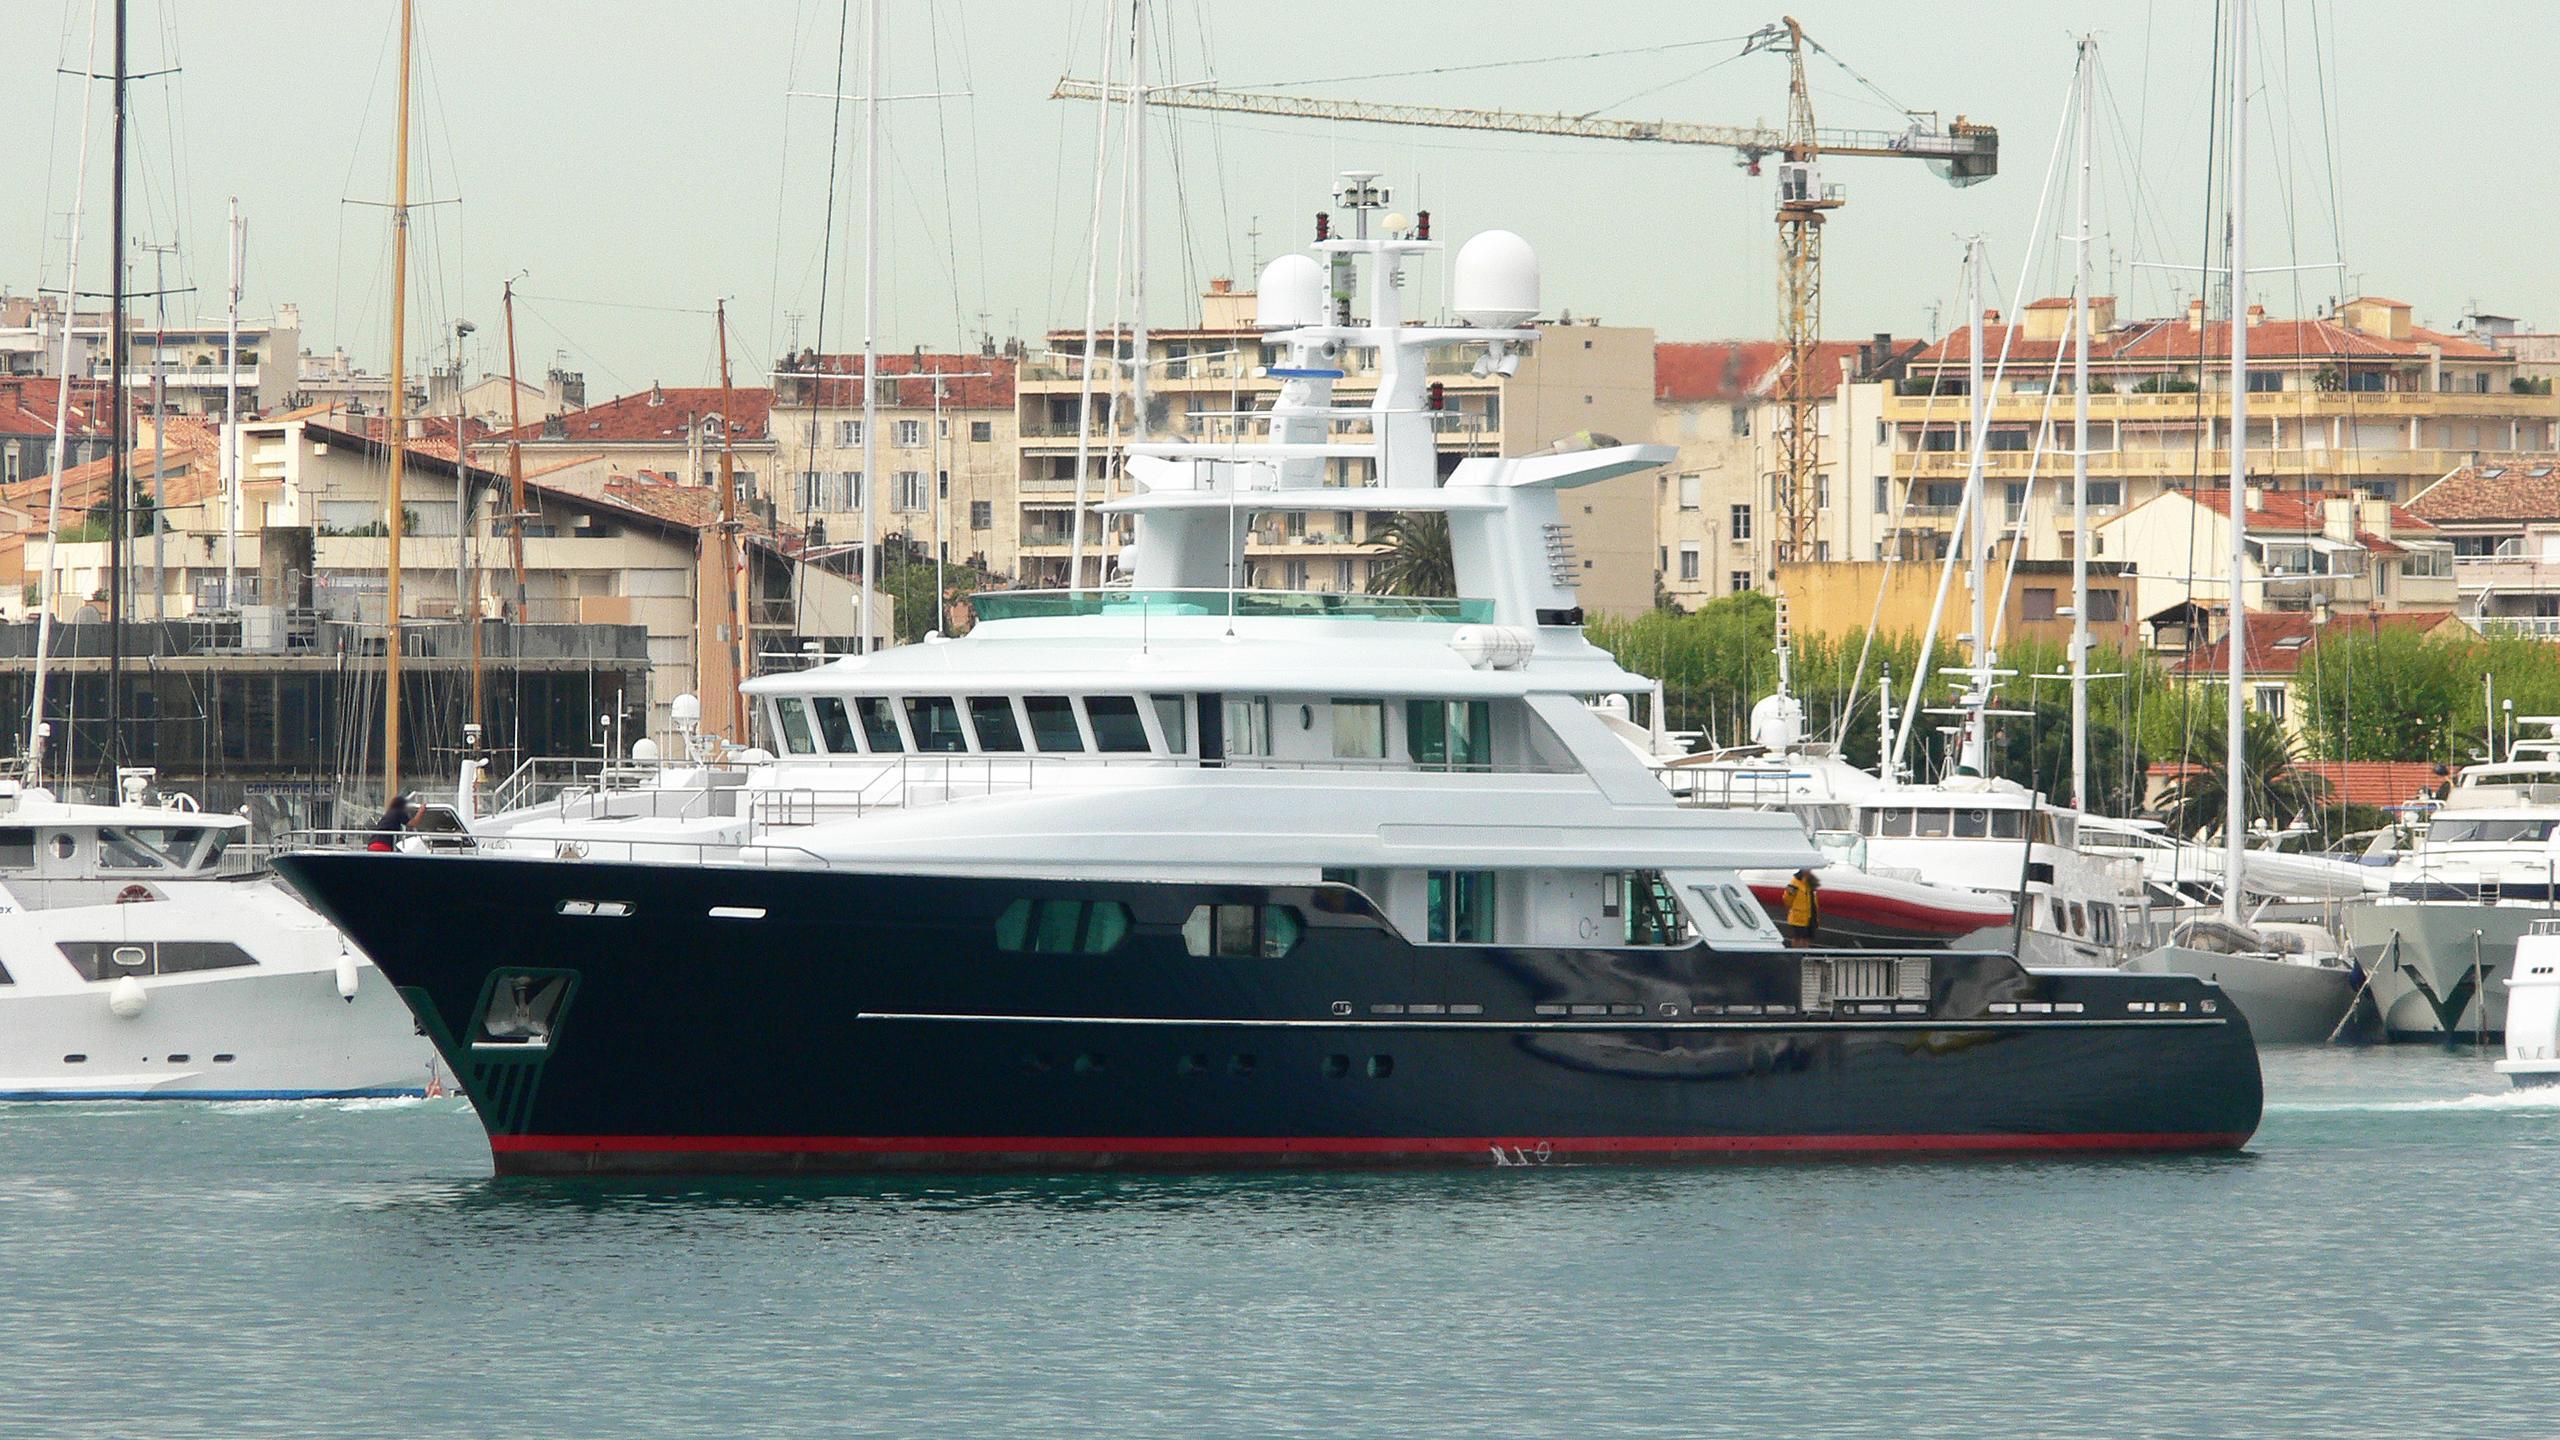 t6-explorer-yacht-flyghtship-2006-49m-half-profile